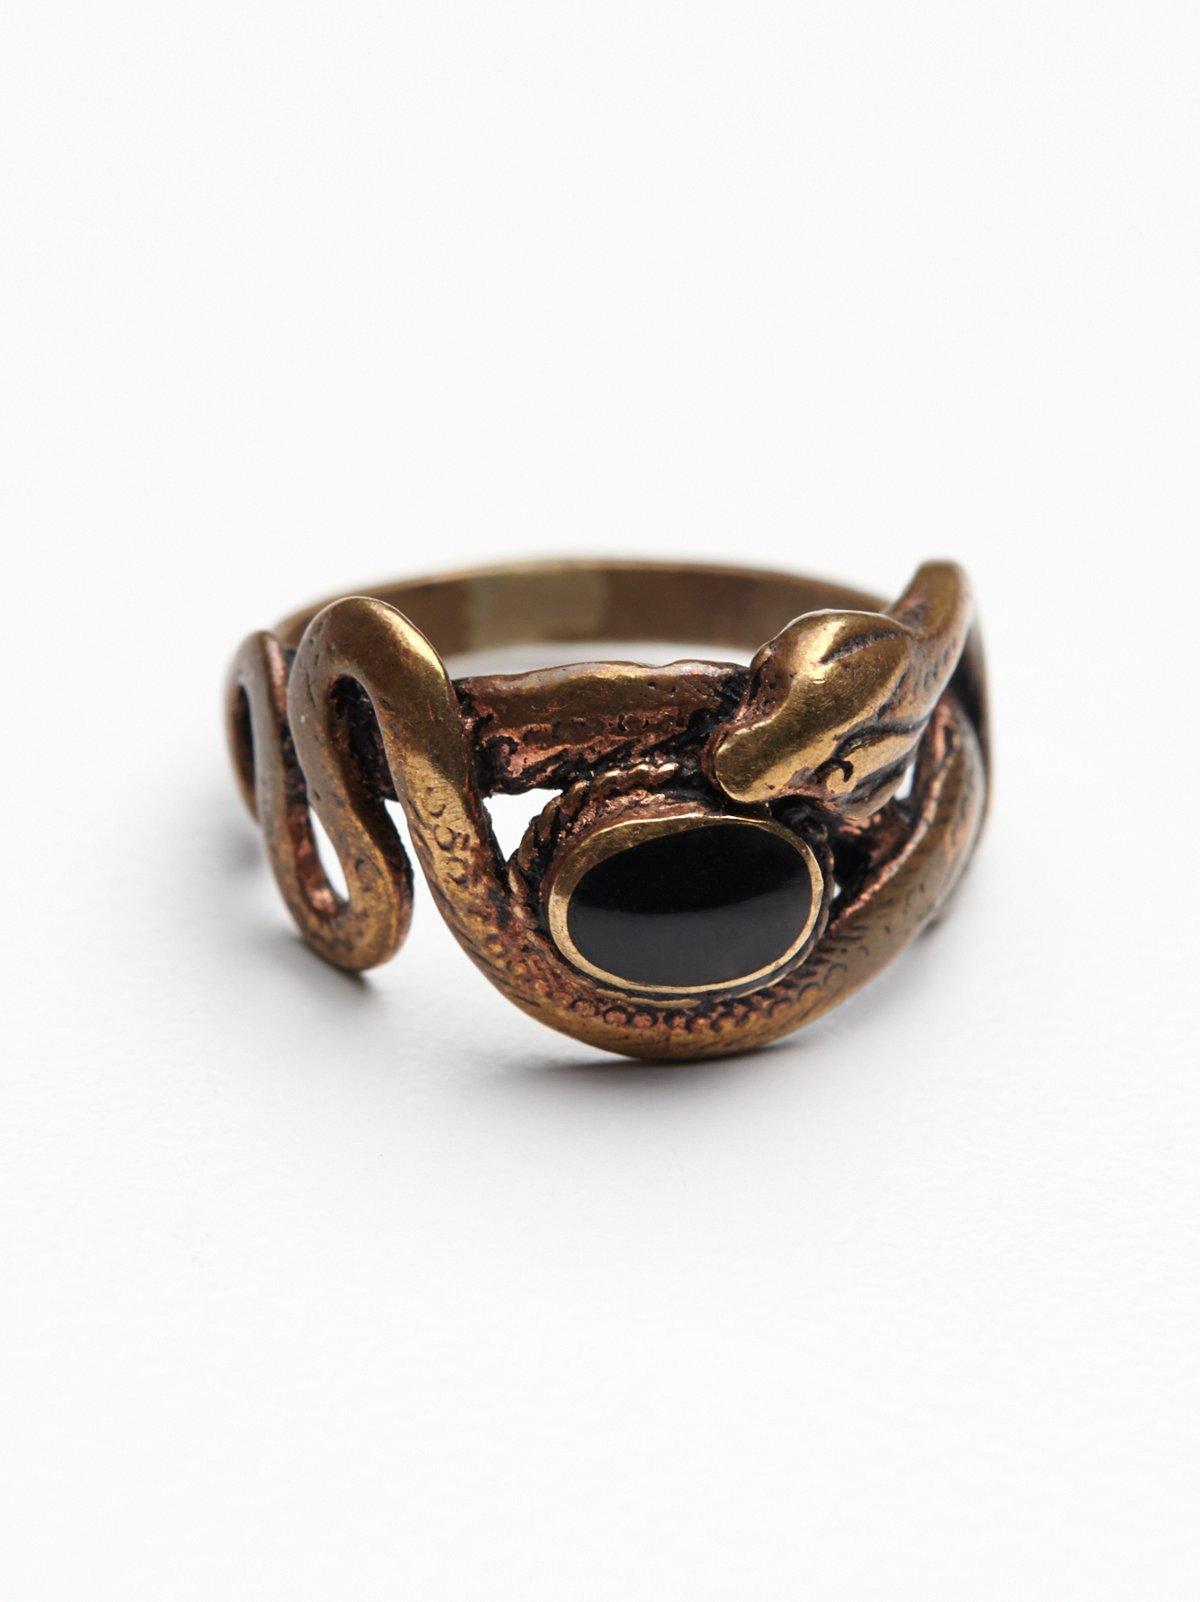 缠绕式蛇形戒指